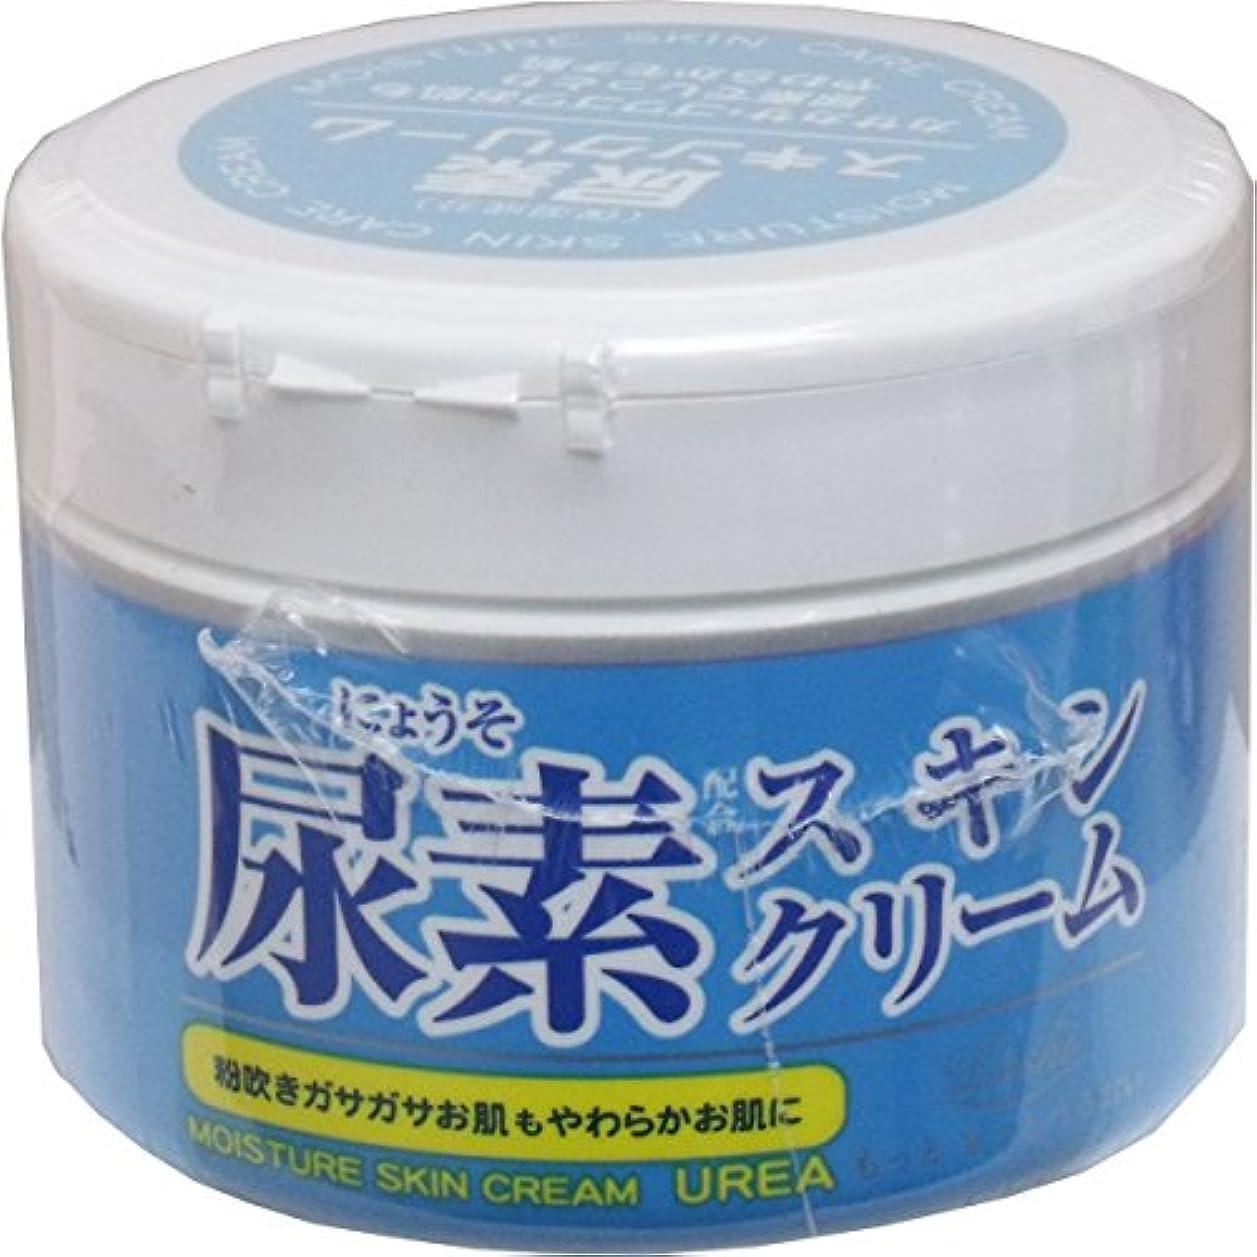 貴重な田舎者被るロッシモイストエイド 尿素スキンクリーム × 10個セット